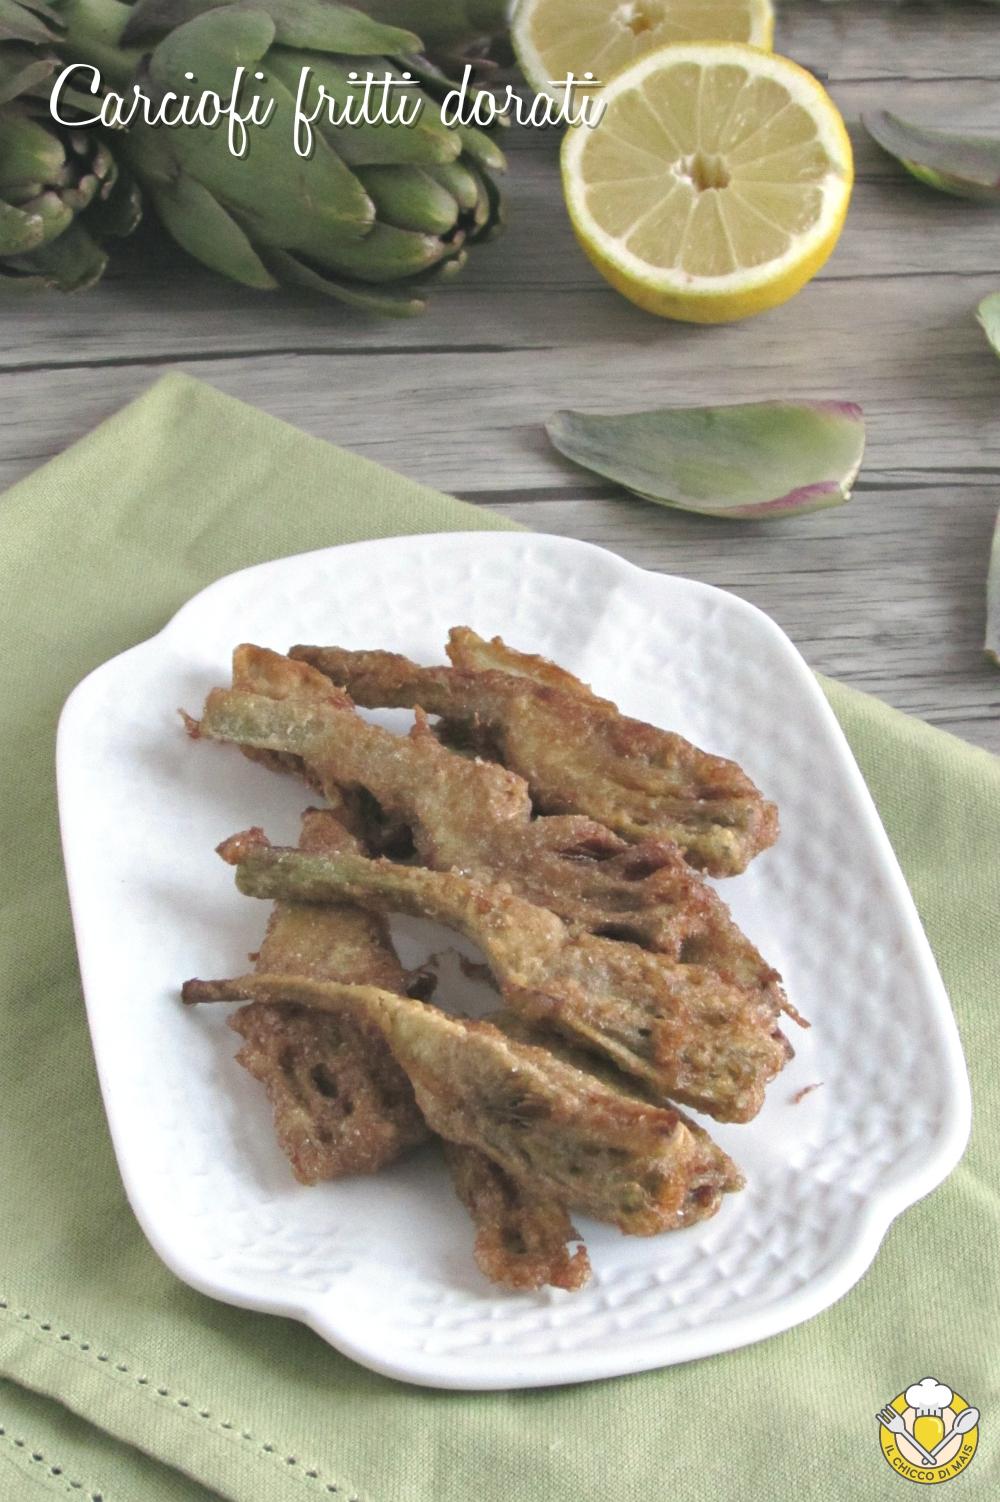 v_ carciofi fritti dorati uova e farina senza pastella ricetta carciofi croccanti antipasto contorno il chicco di mais